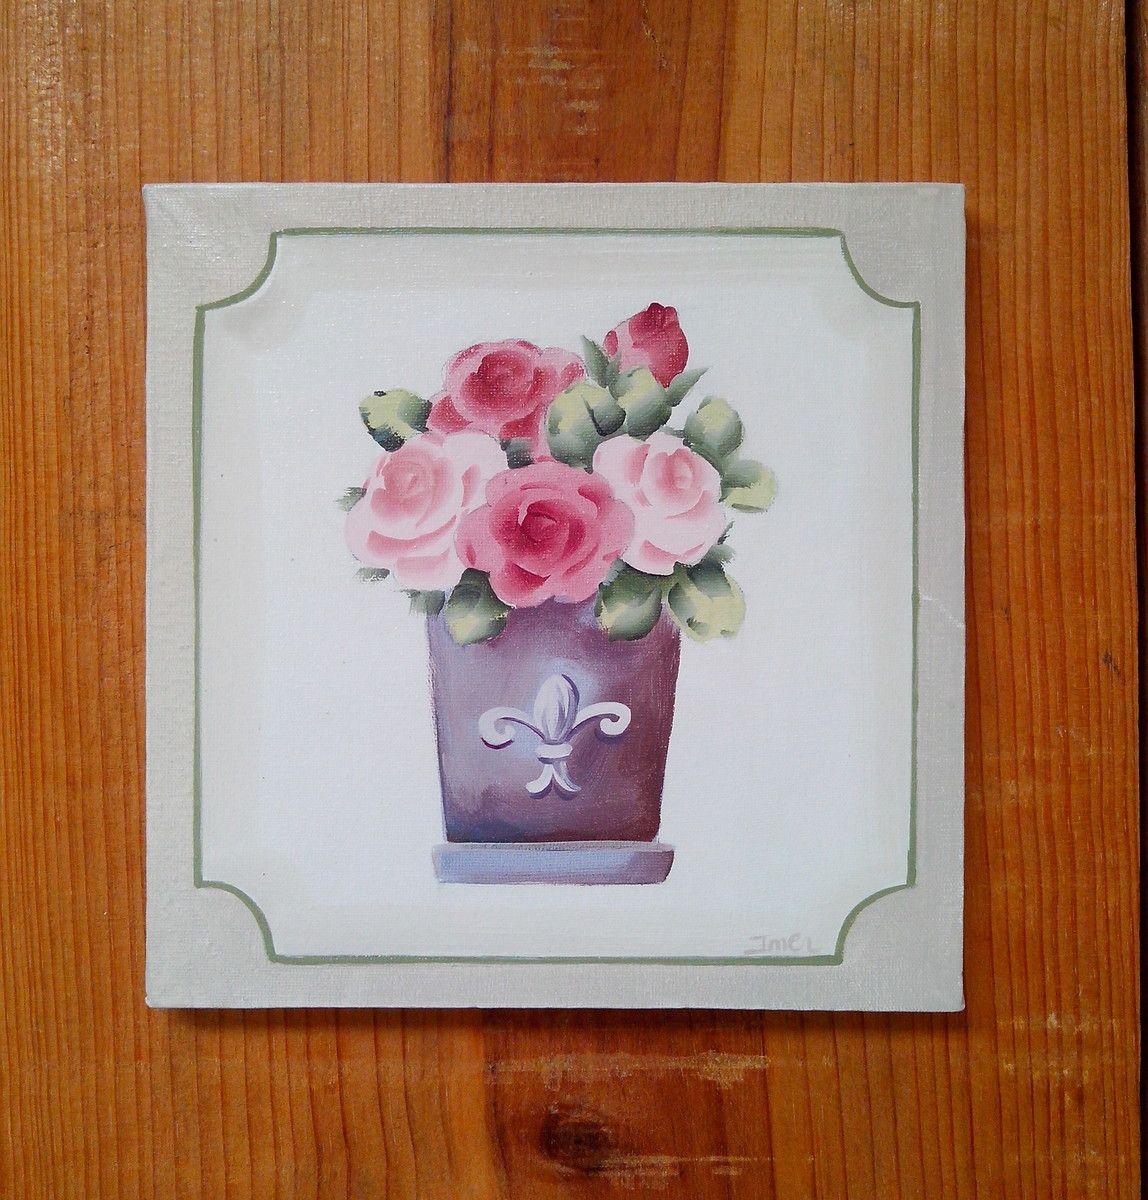 preço é pelo conjunto de telinhas  cada 50,00  telas de 20 x 20 cm pintadas a mão